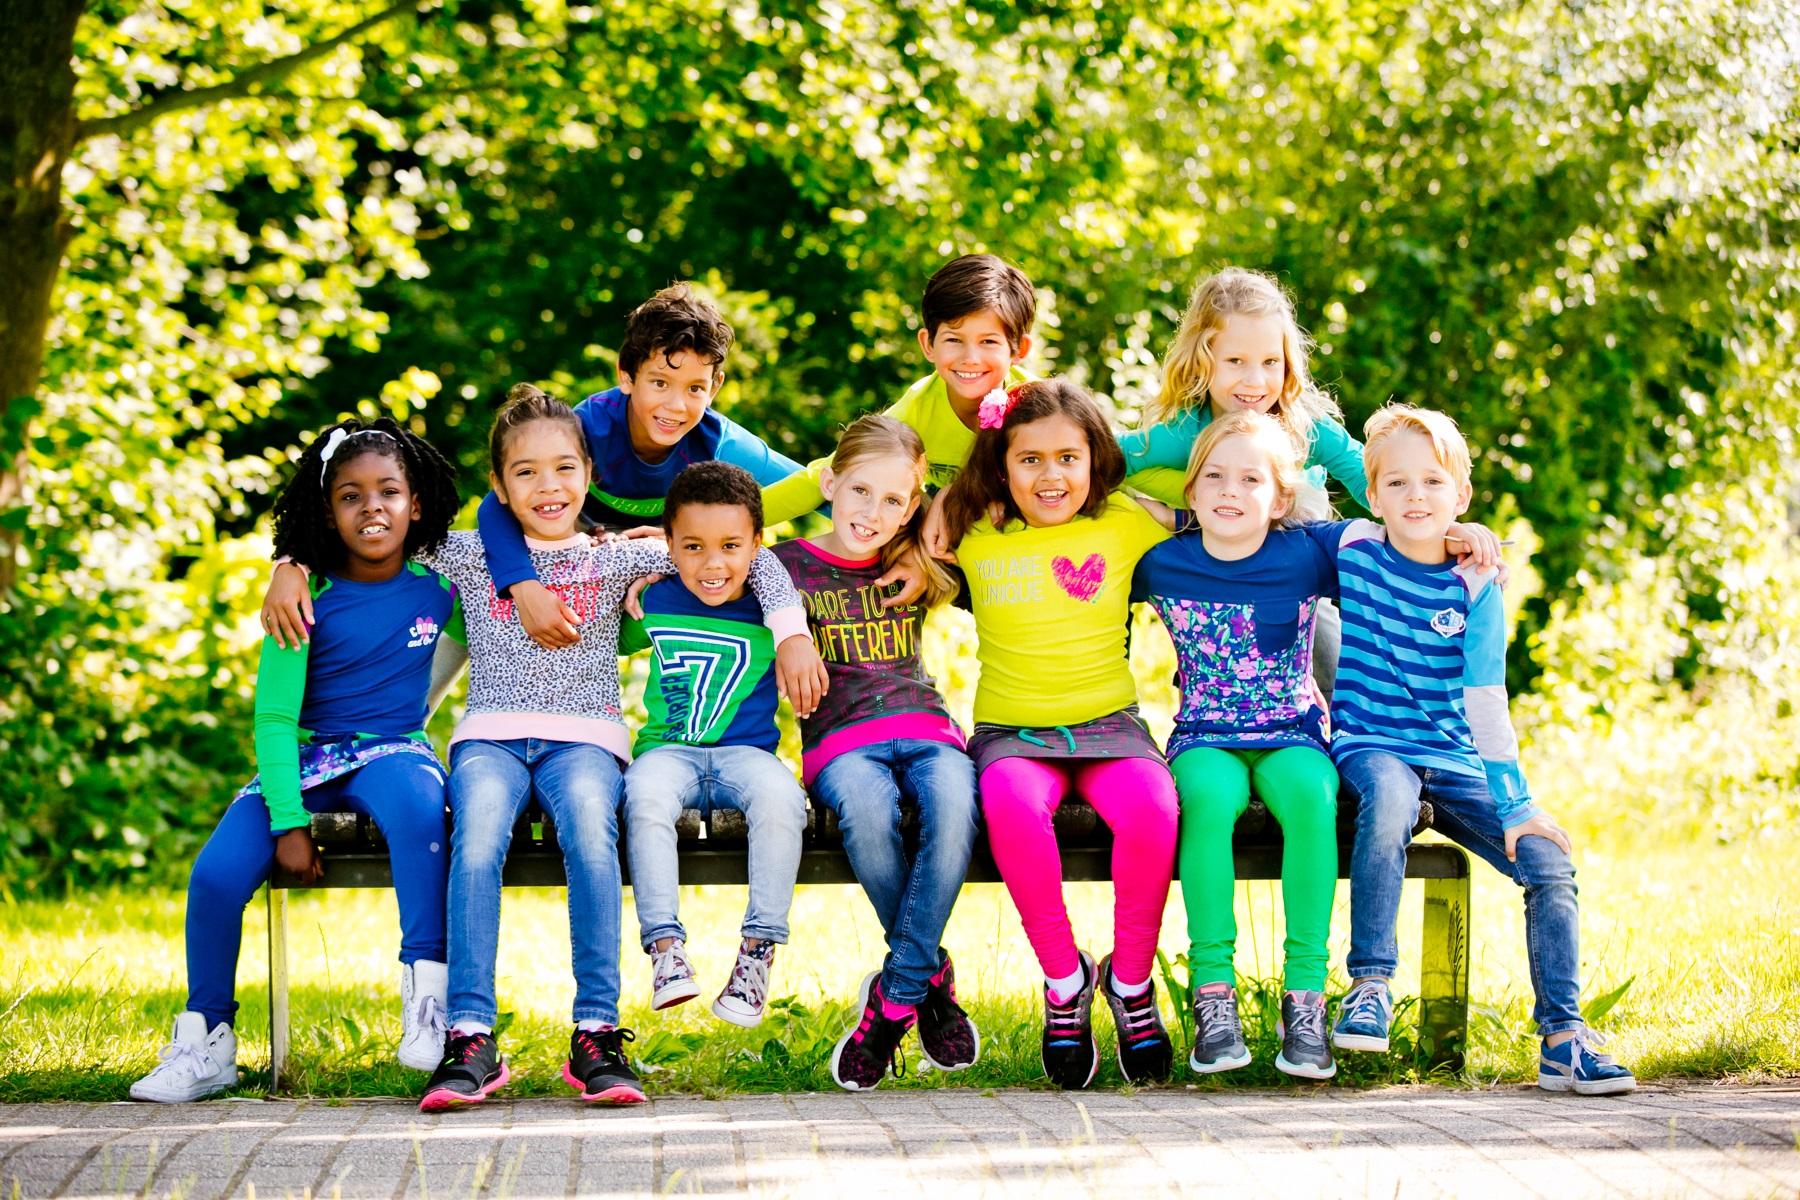 04e85f5826b blog - Welkom op Kidsproof Haarlem! | Kidsproof Haarlem